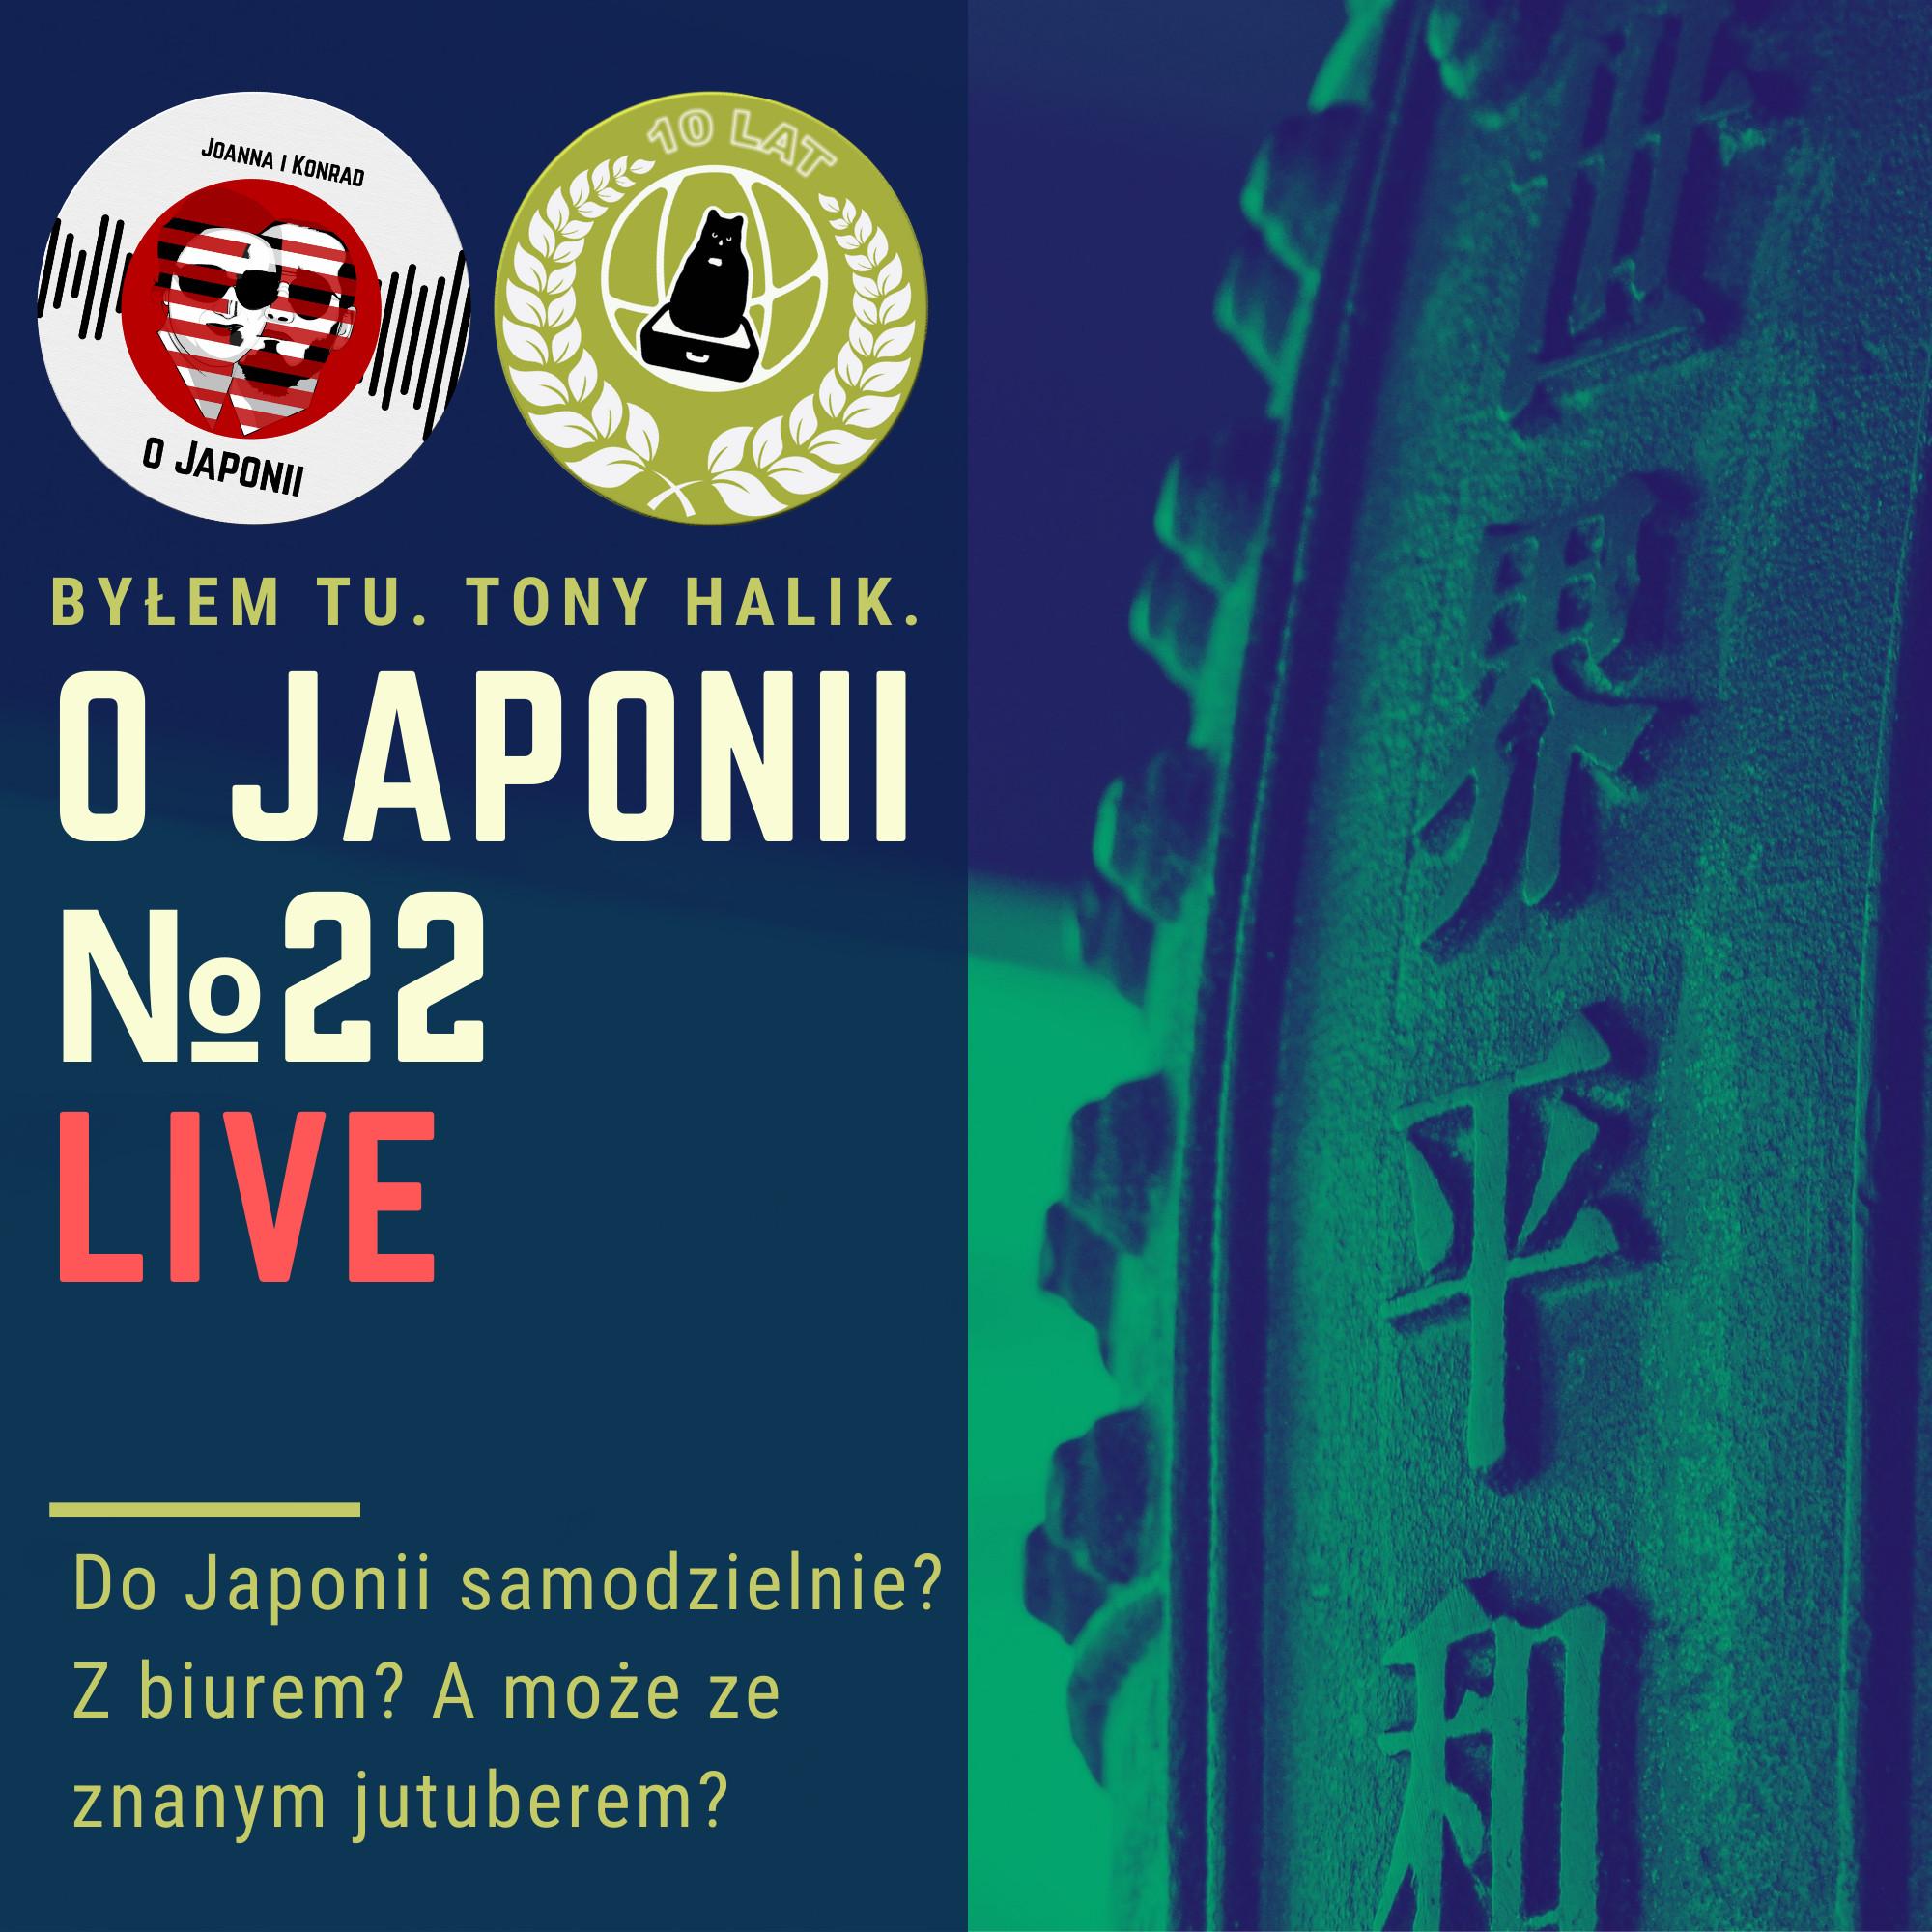 Podcast o Japonii №22 (Do Japonii samodzielnie? Z biurem? A może ze znanym jutuberem?)